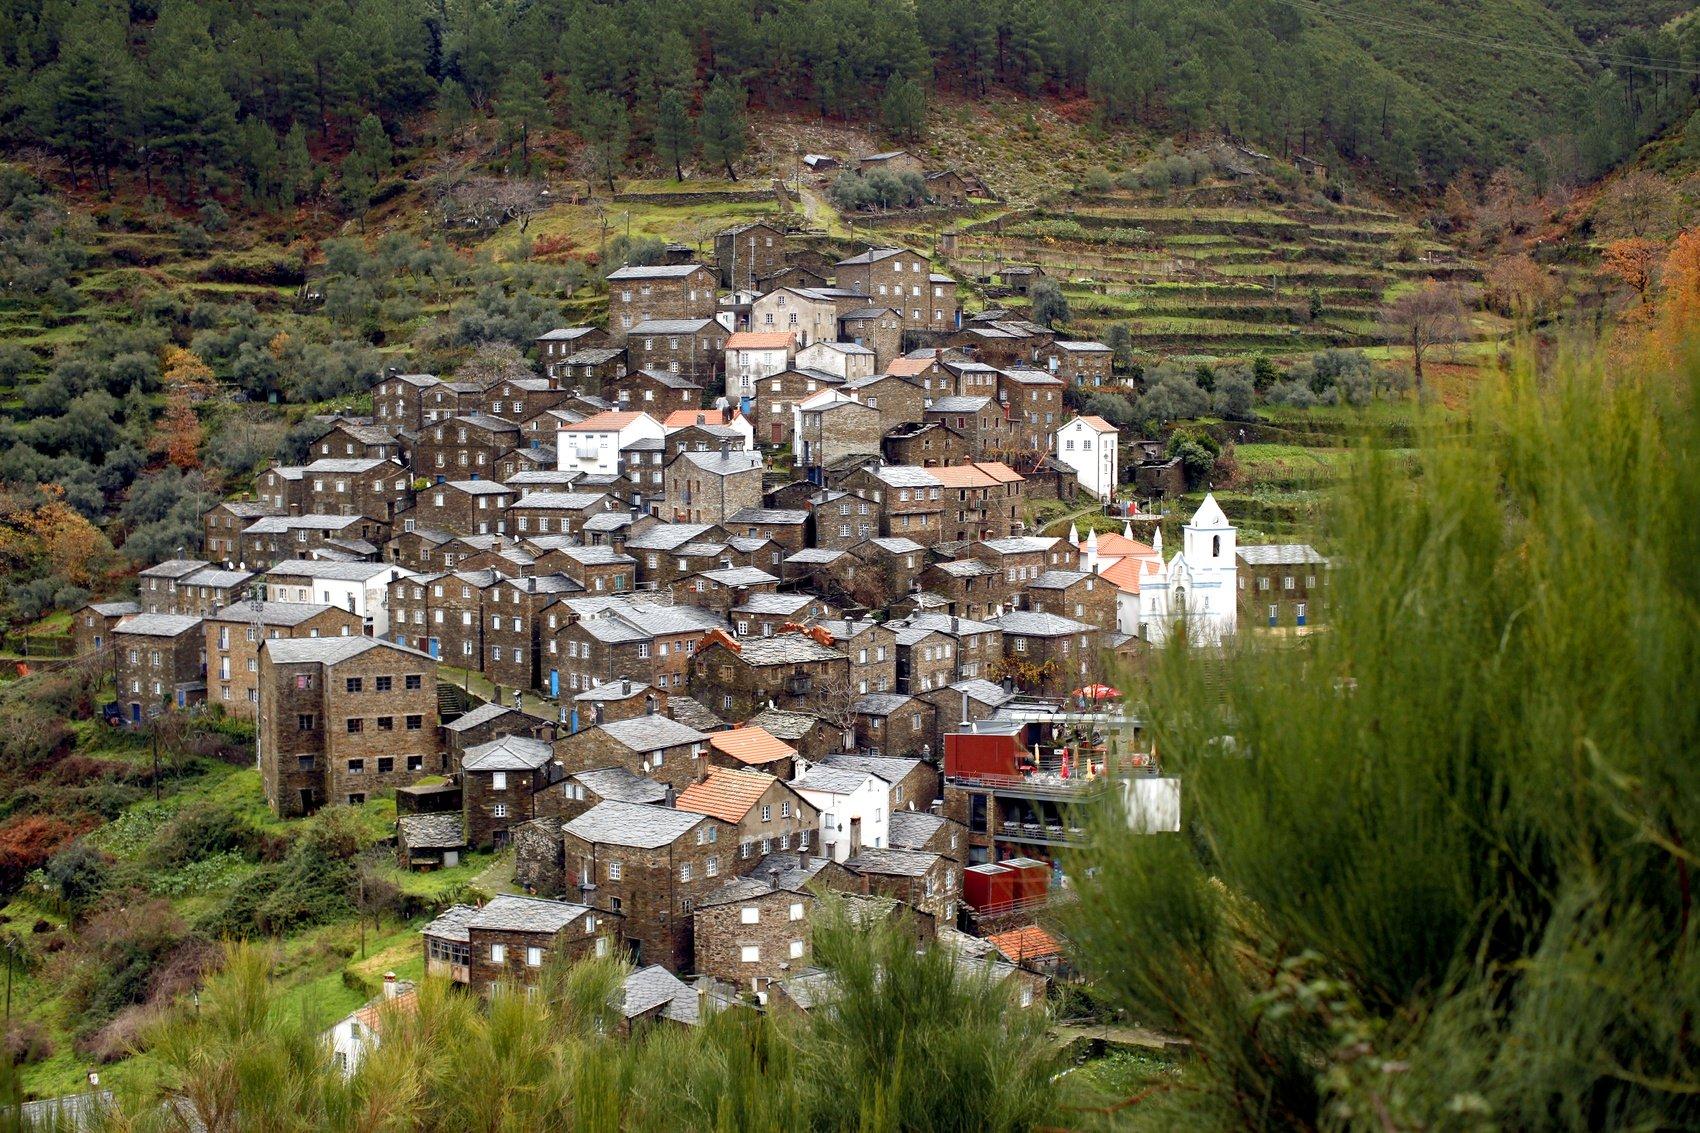 Τα 7 παραμυθένια χωριουδάκια στην Πορτογαλία που θα θέλεις να τα επισκεφτείς τώρα!